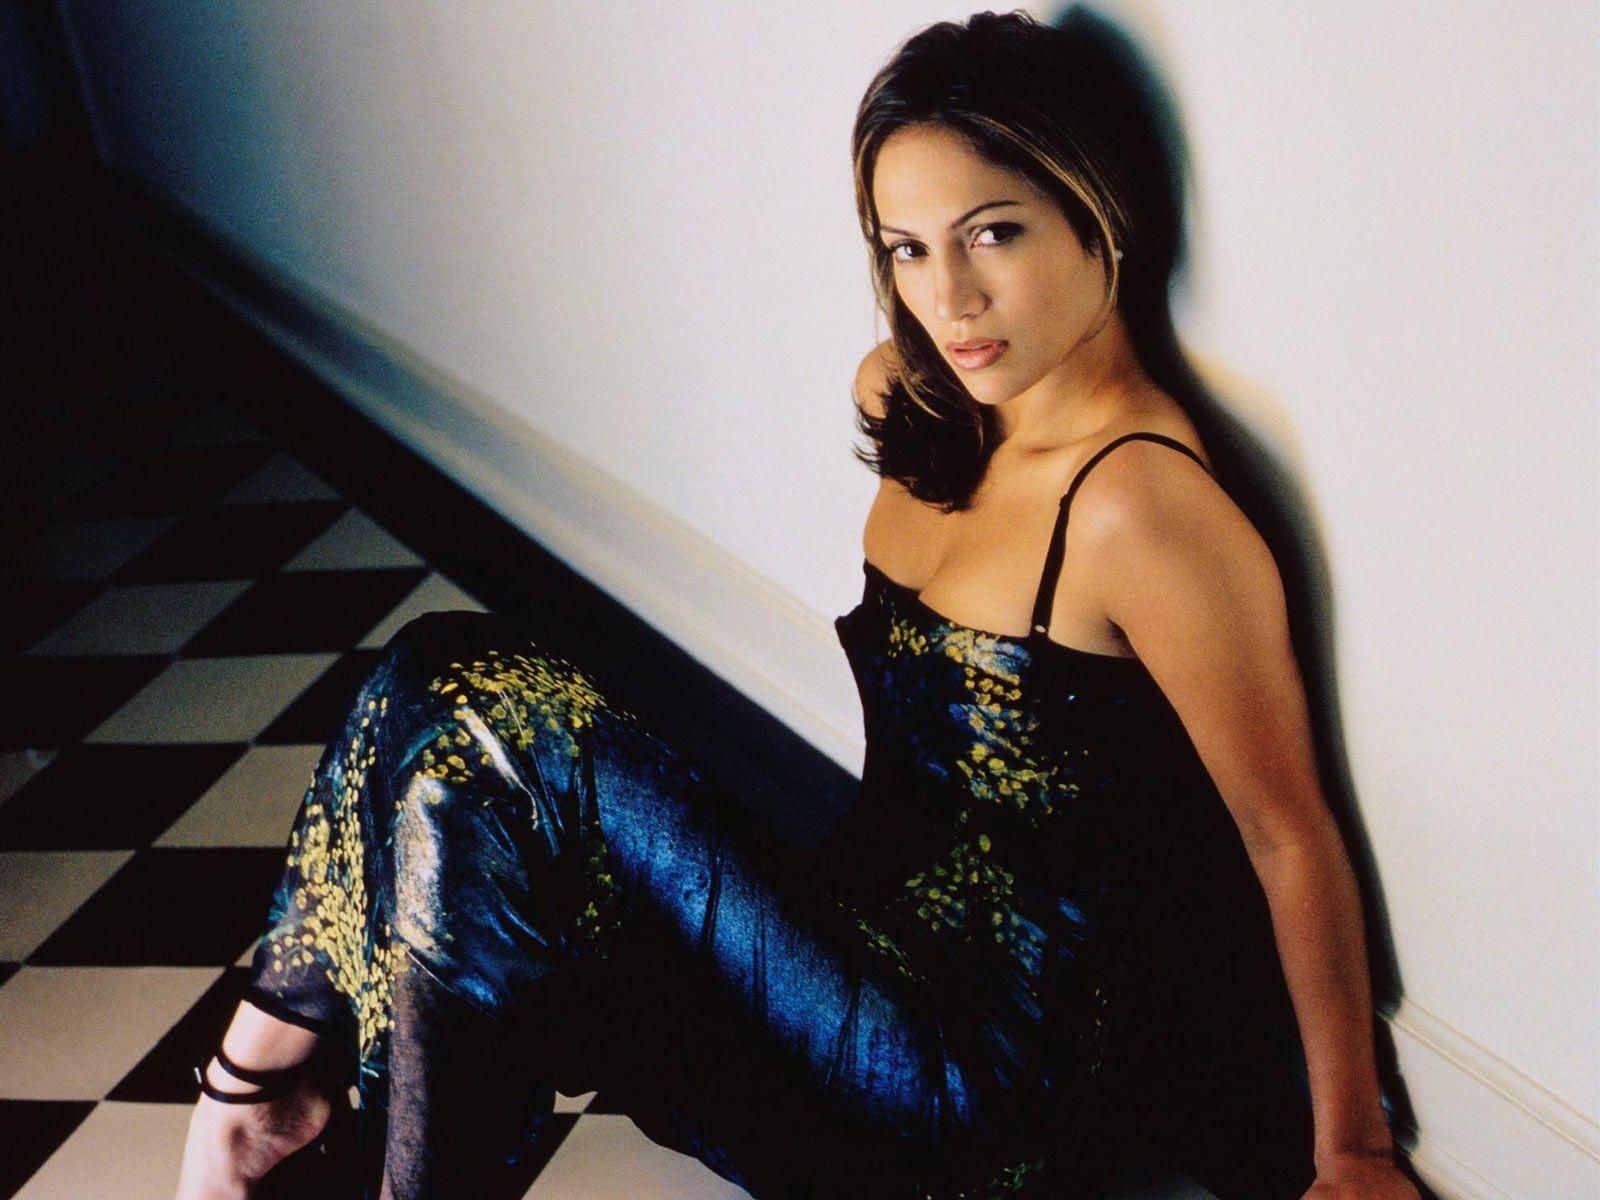 Wallpaper di Jennifer Lopez, attrice e cantante